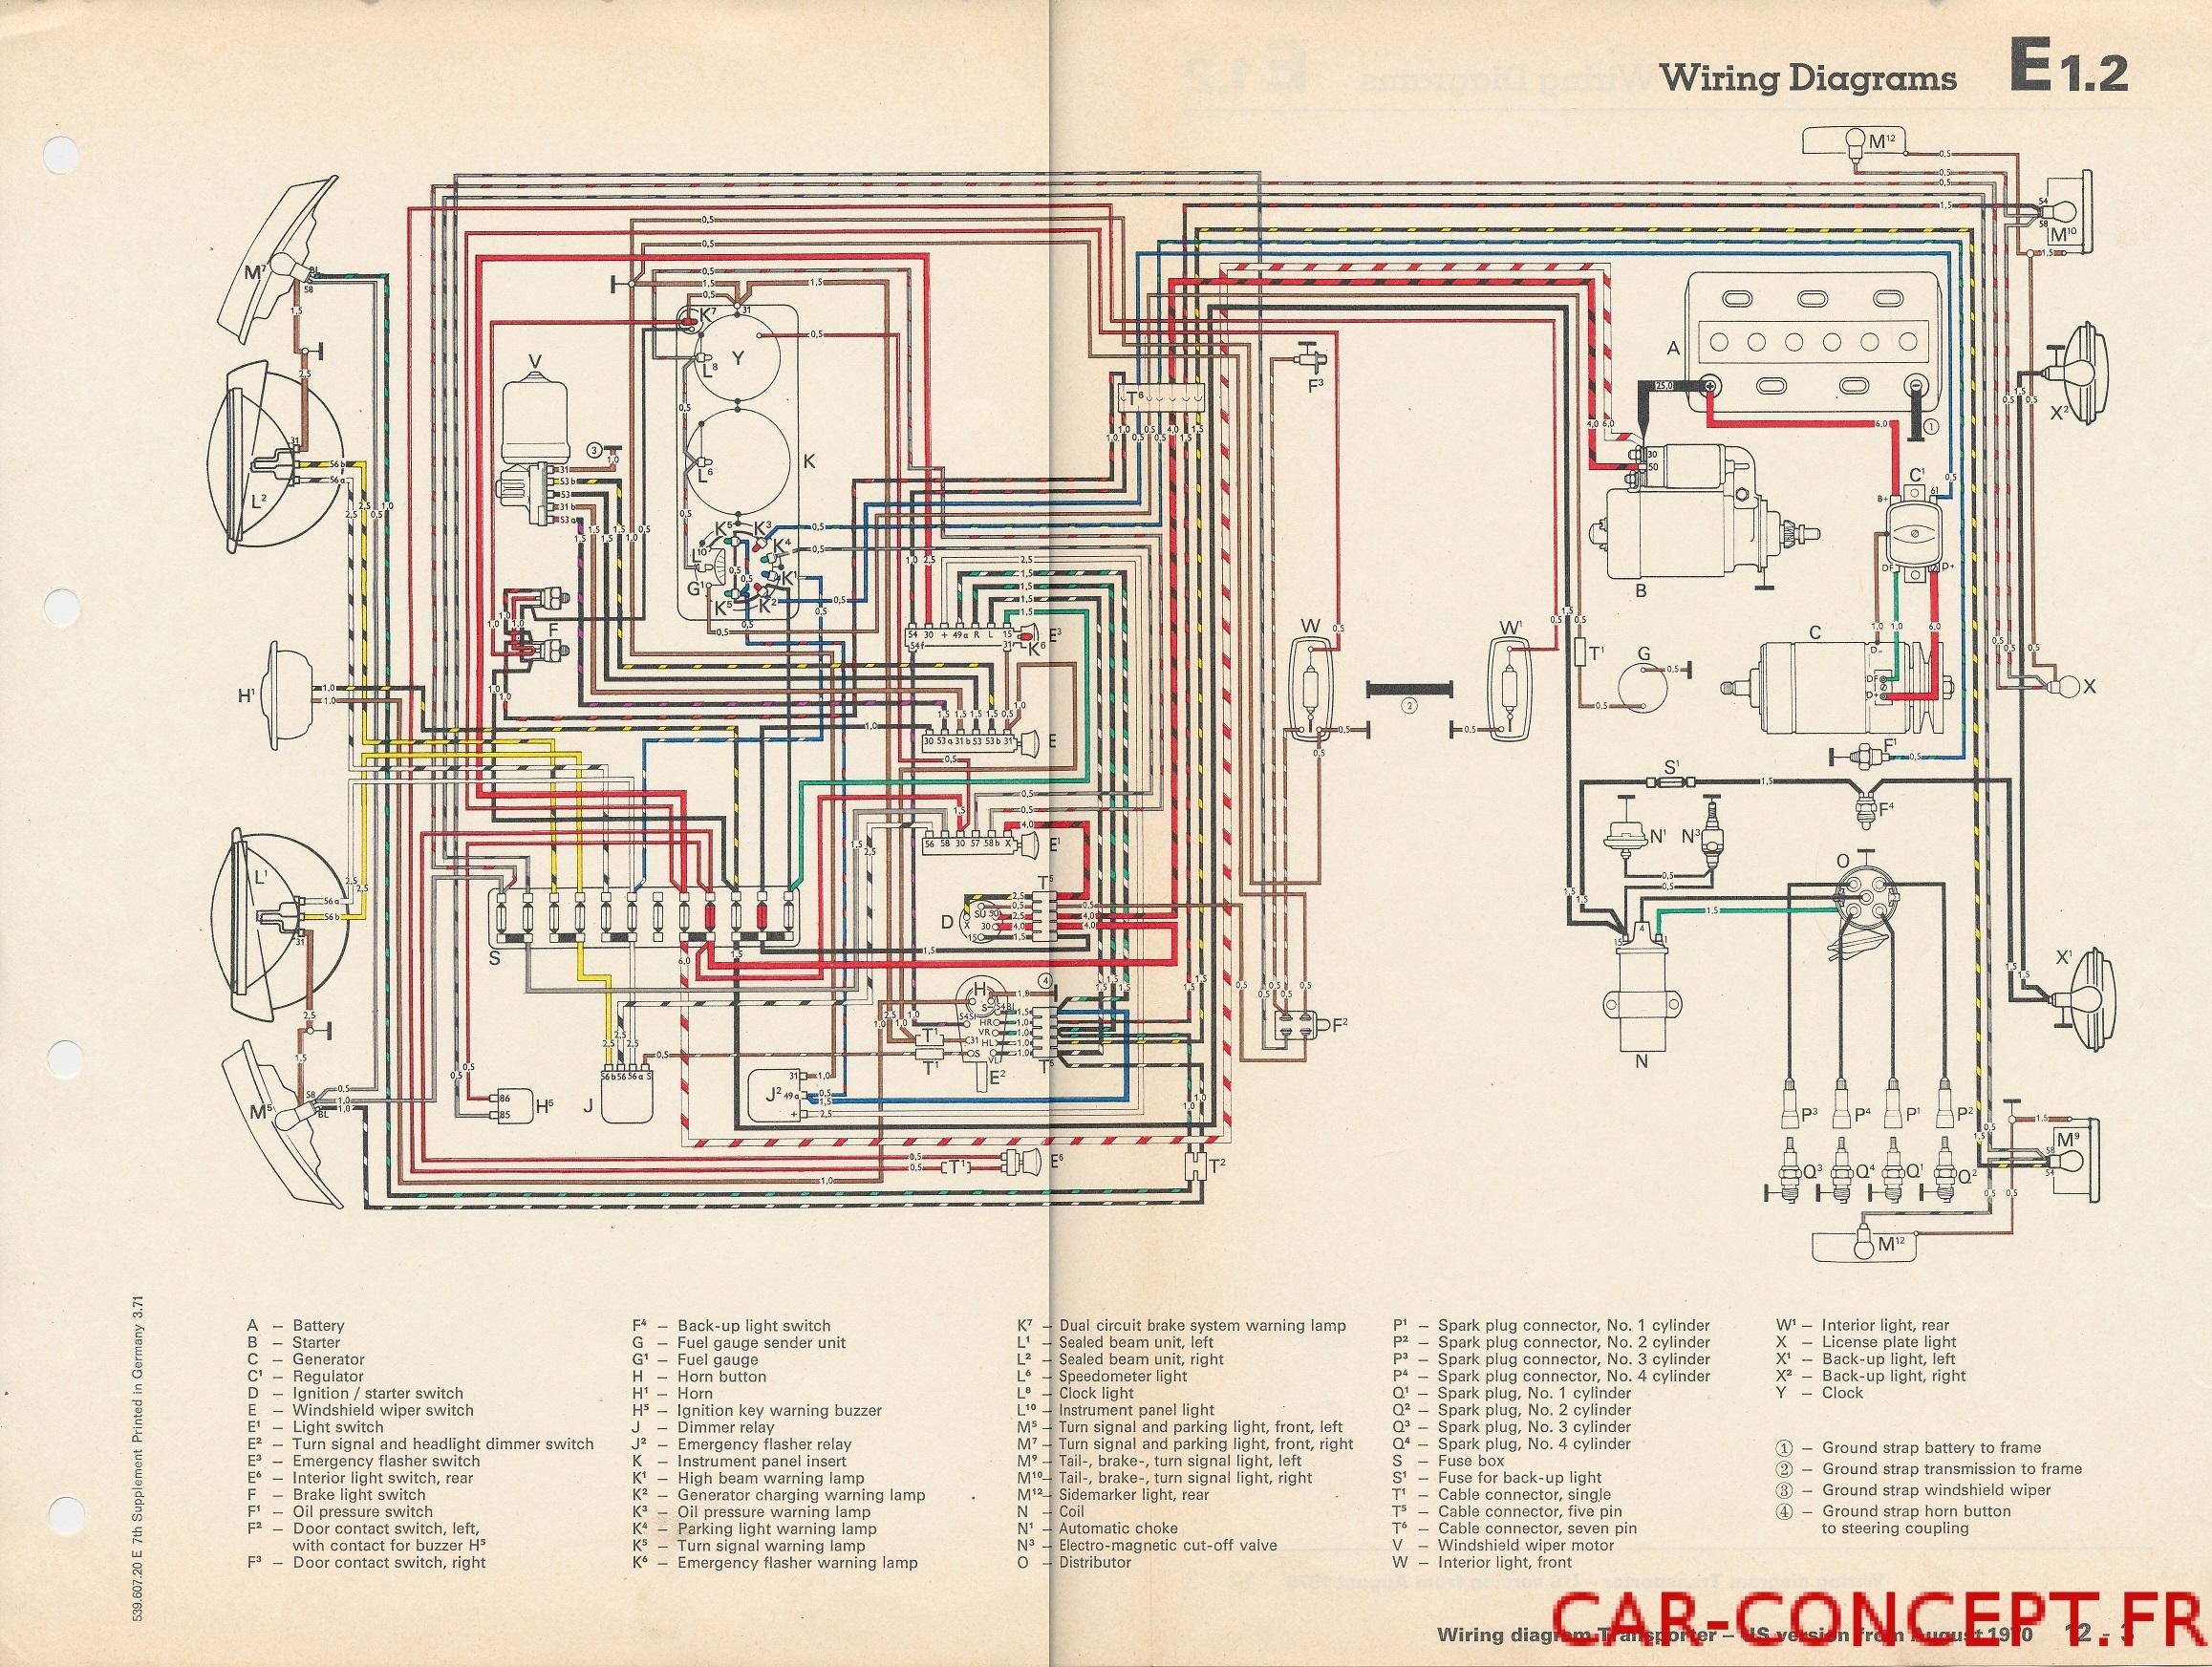 Schema electrique cox 1300 de 68